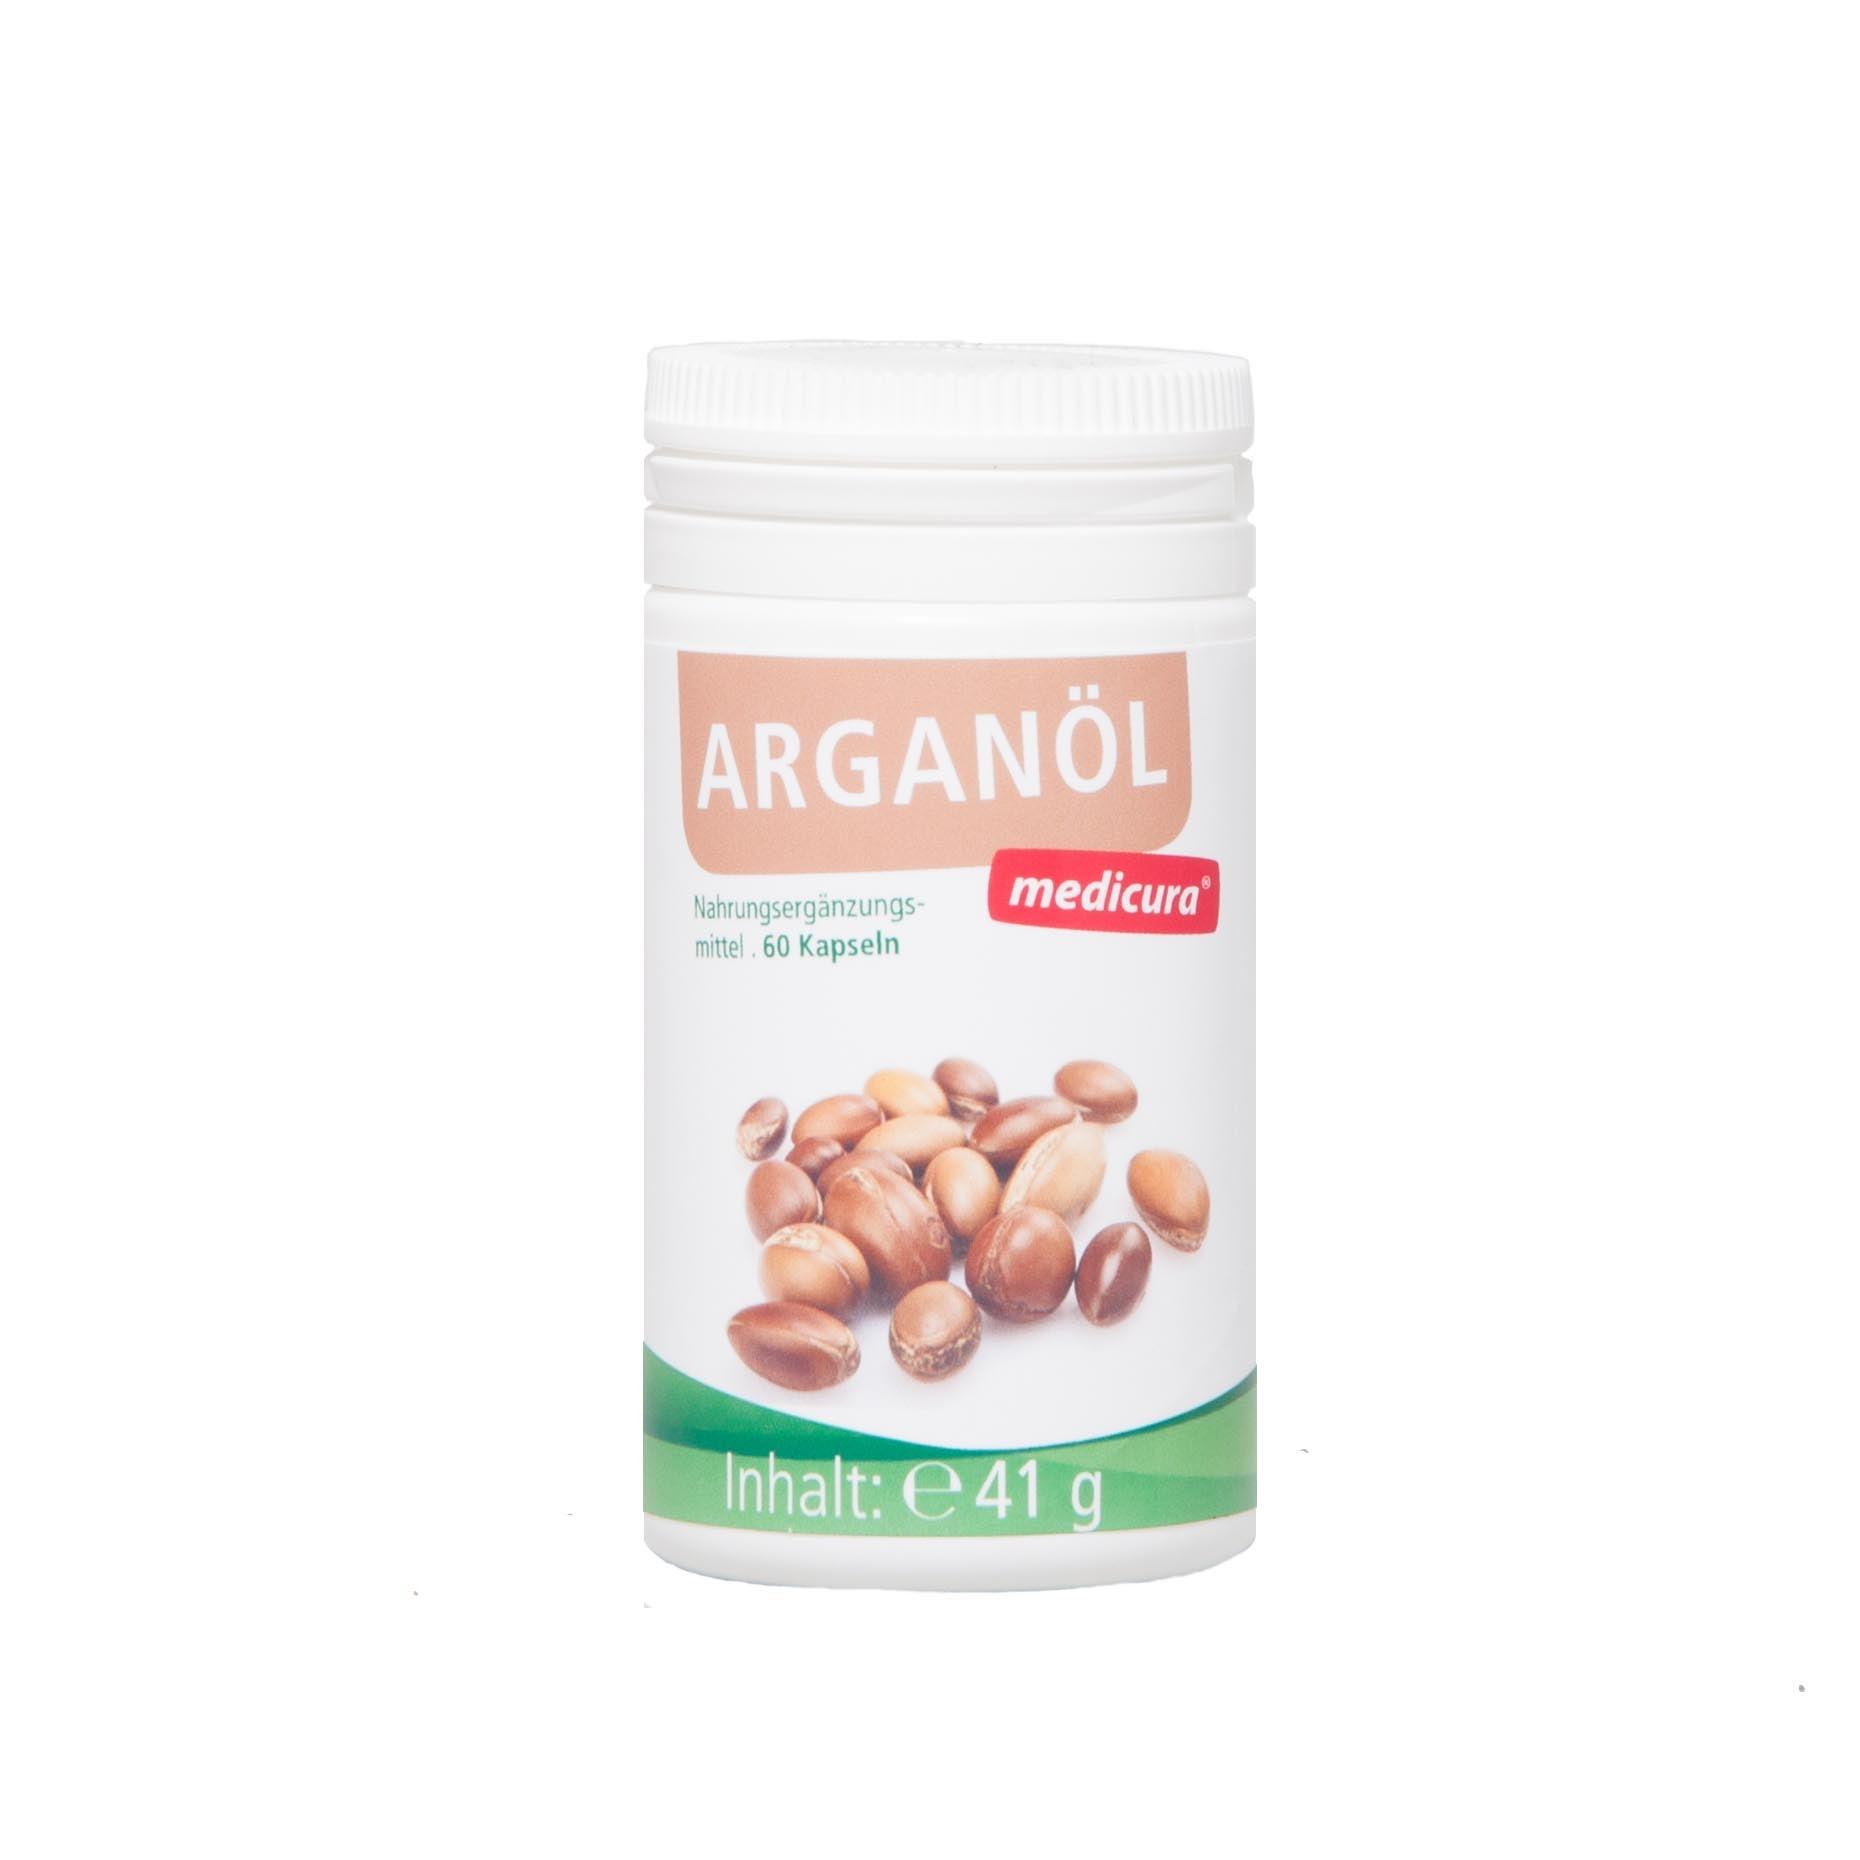 Arganöl - 60 Kapseln